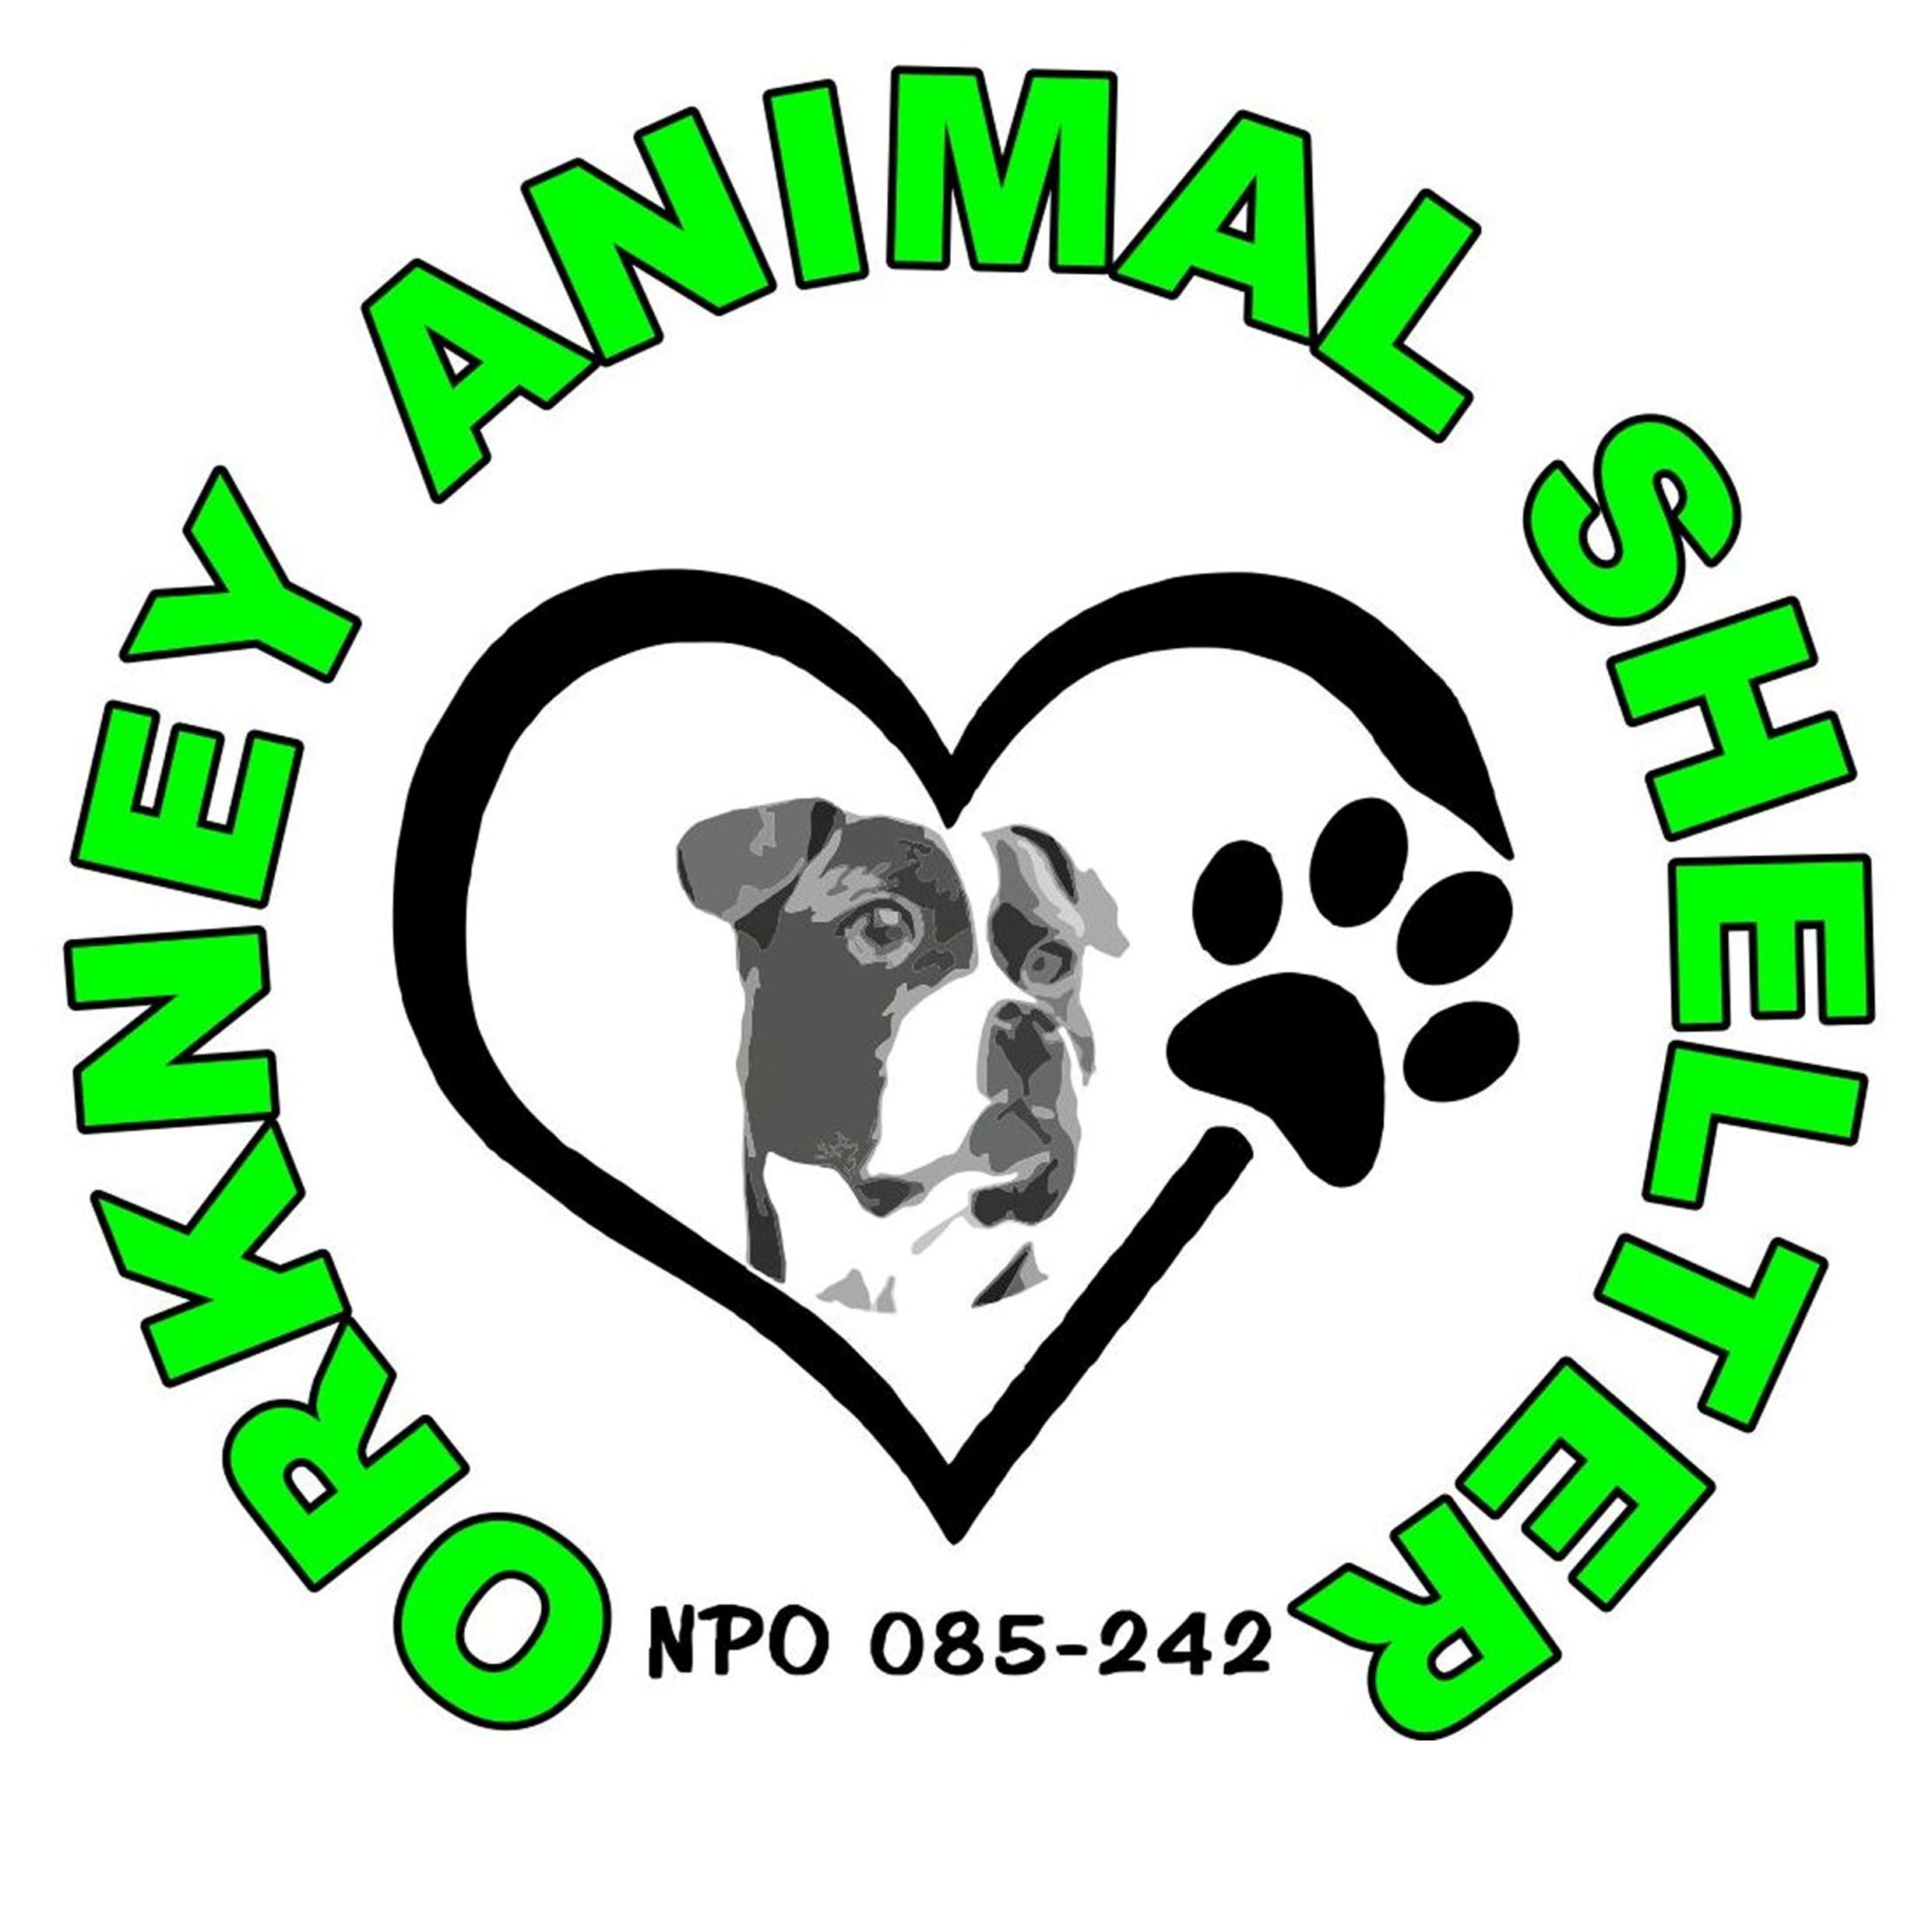 Orkney Animal Shelter